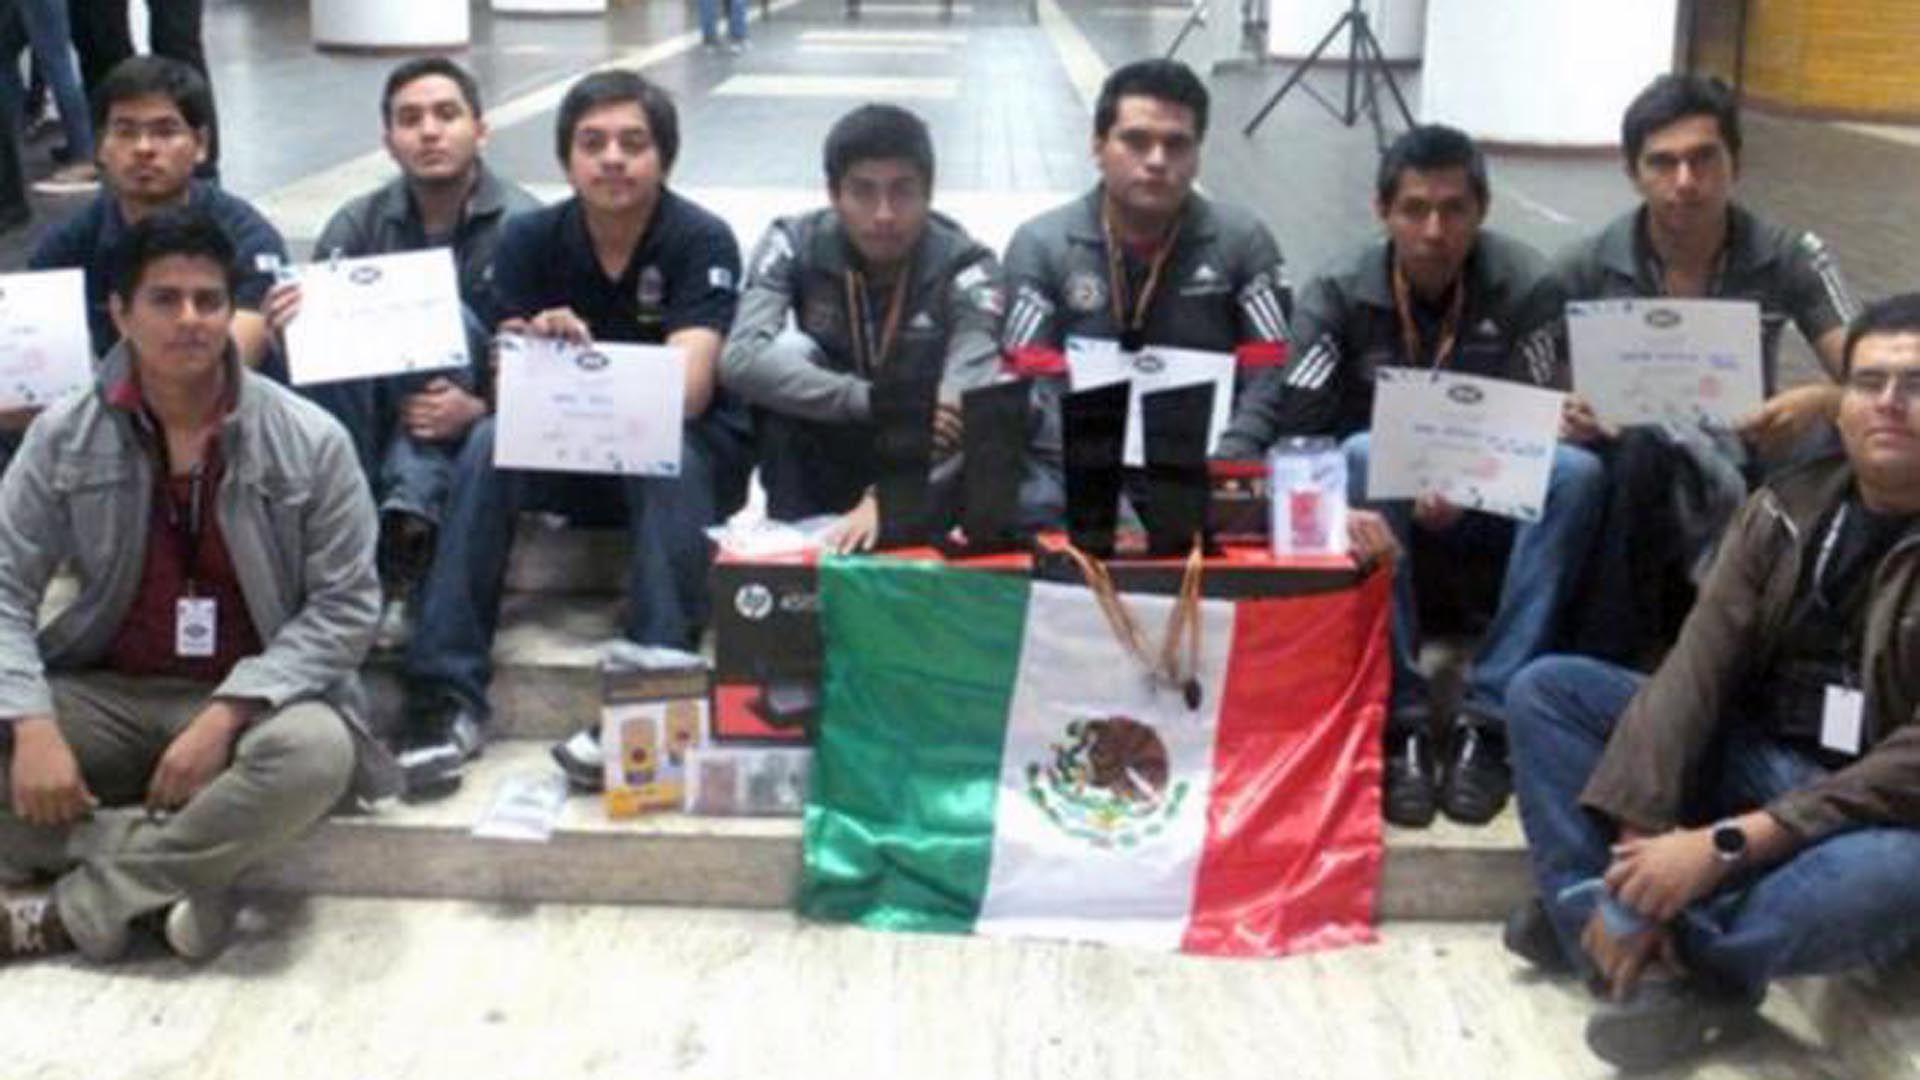 Los mexicanos.